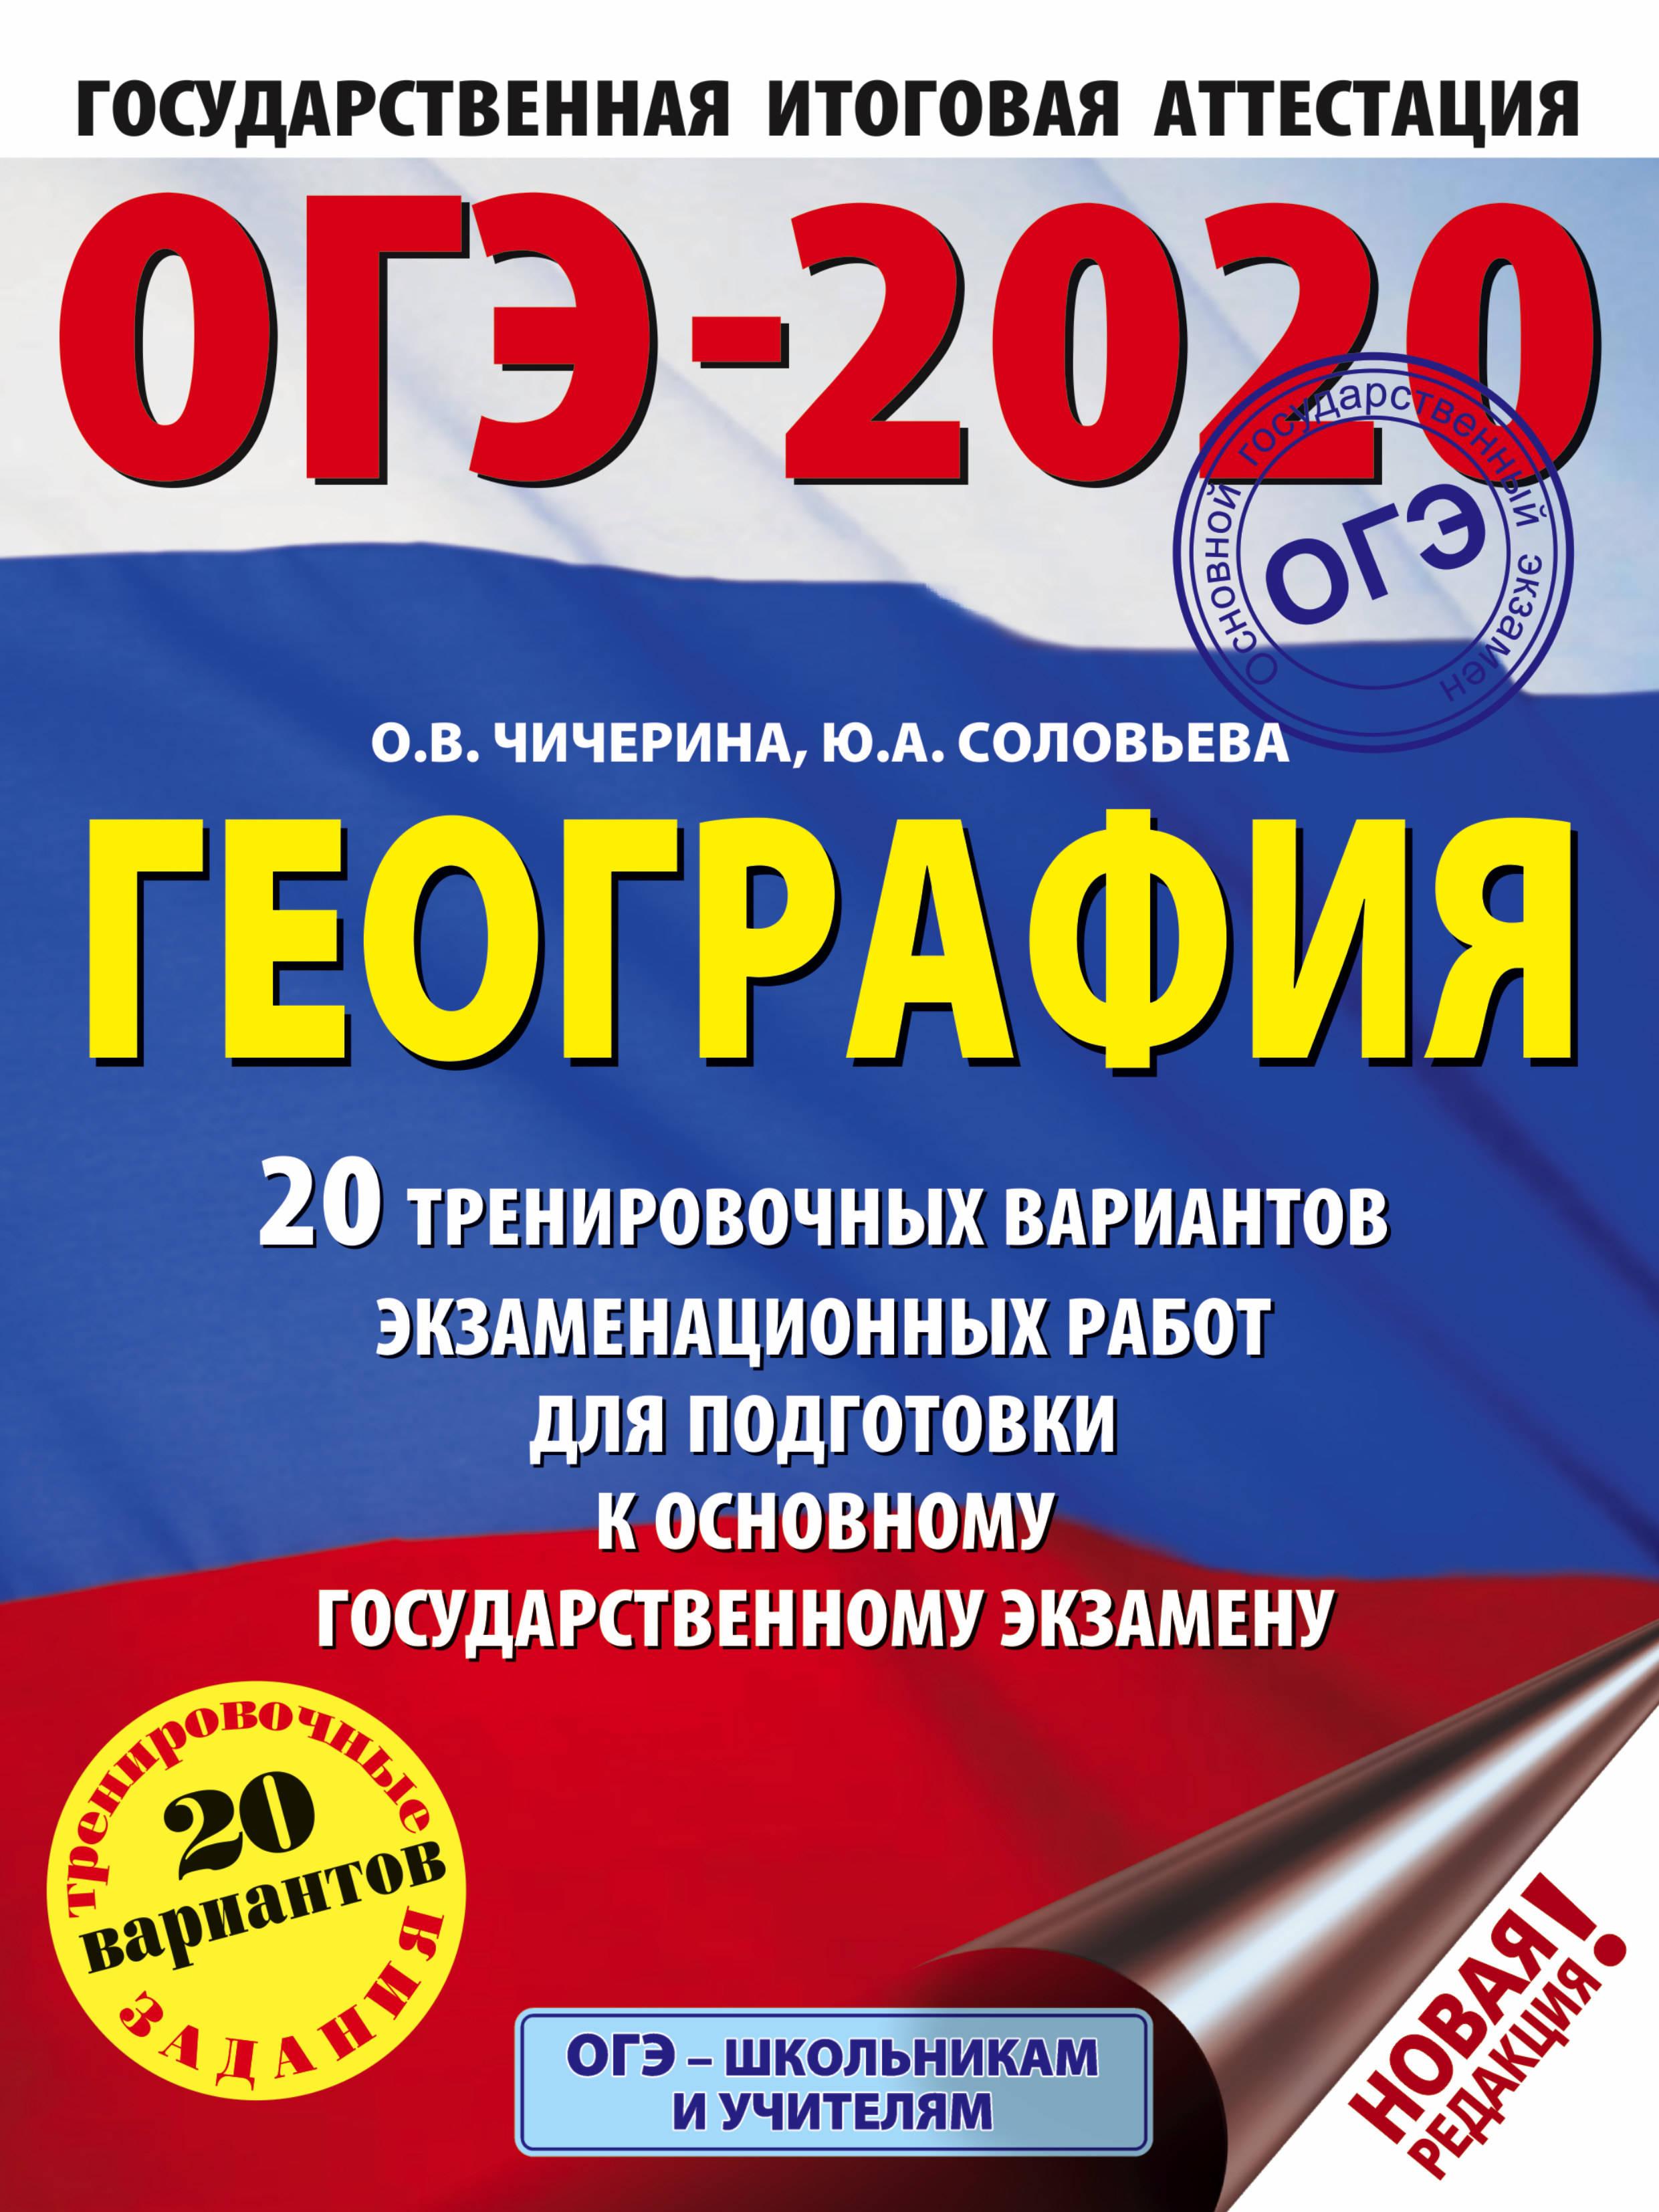 ОГЭ-2020. География (60х84/8) 20 тренировочных вариантов экзаменационных работ для подготовки к основному государственному экзамену